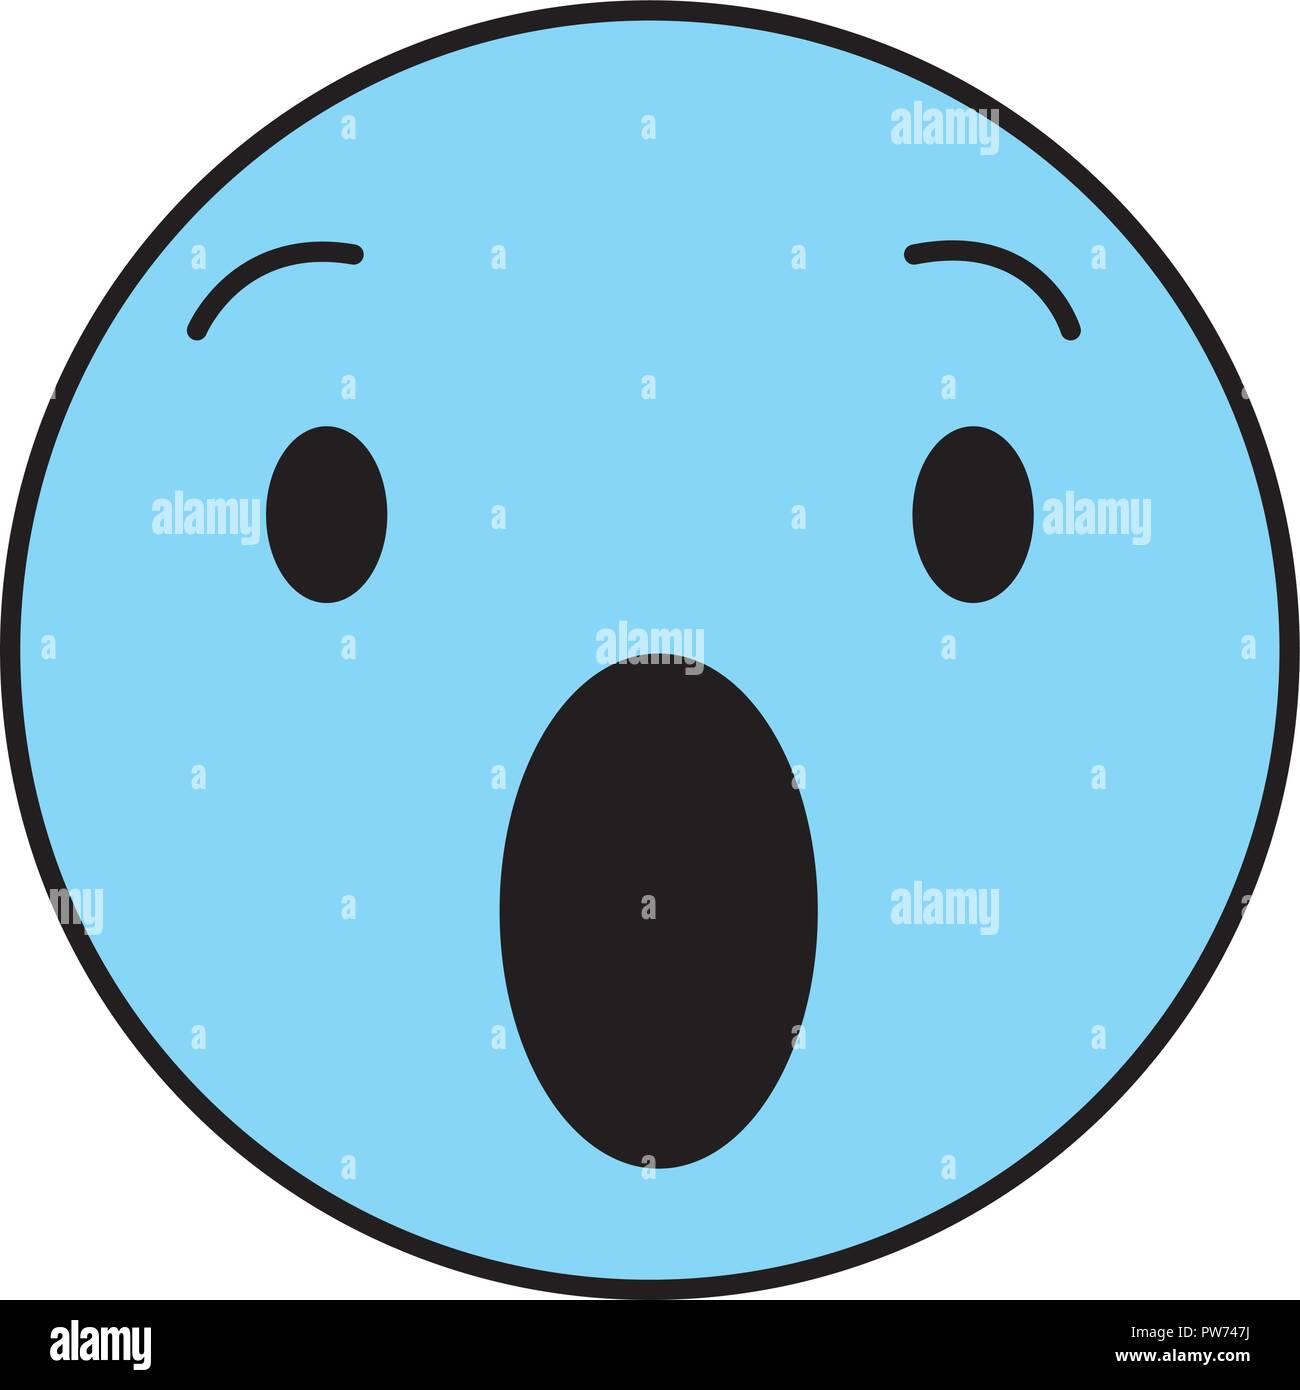 Surprised round emoji - Stock Image